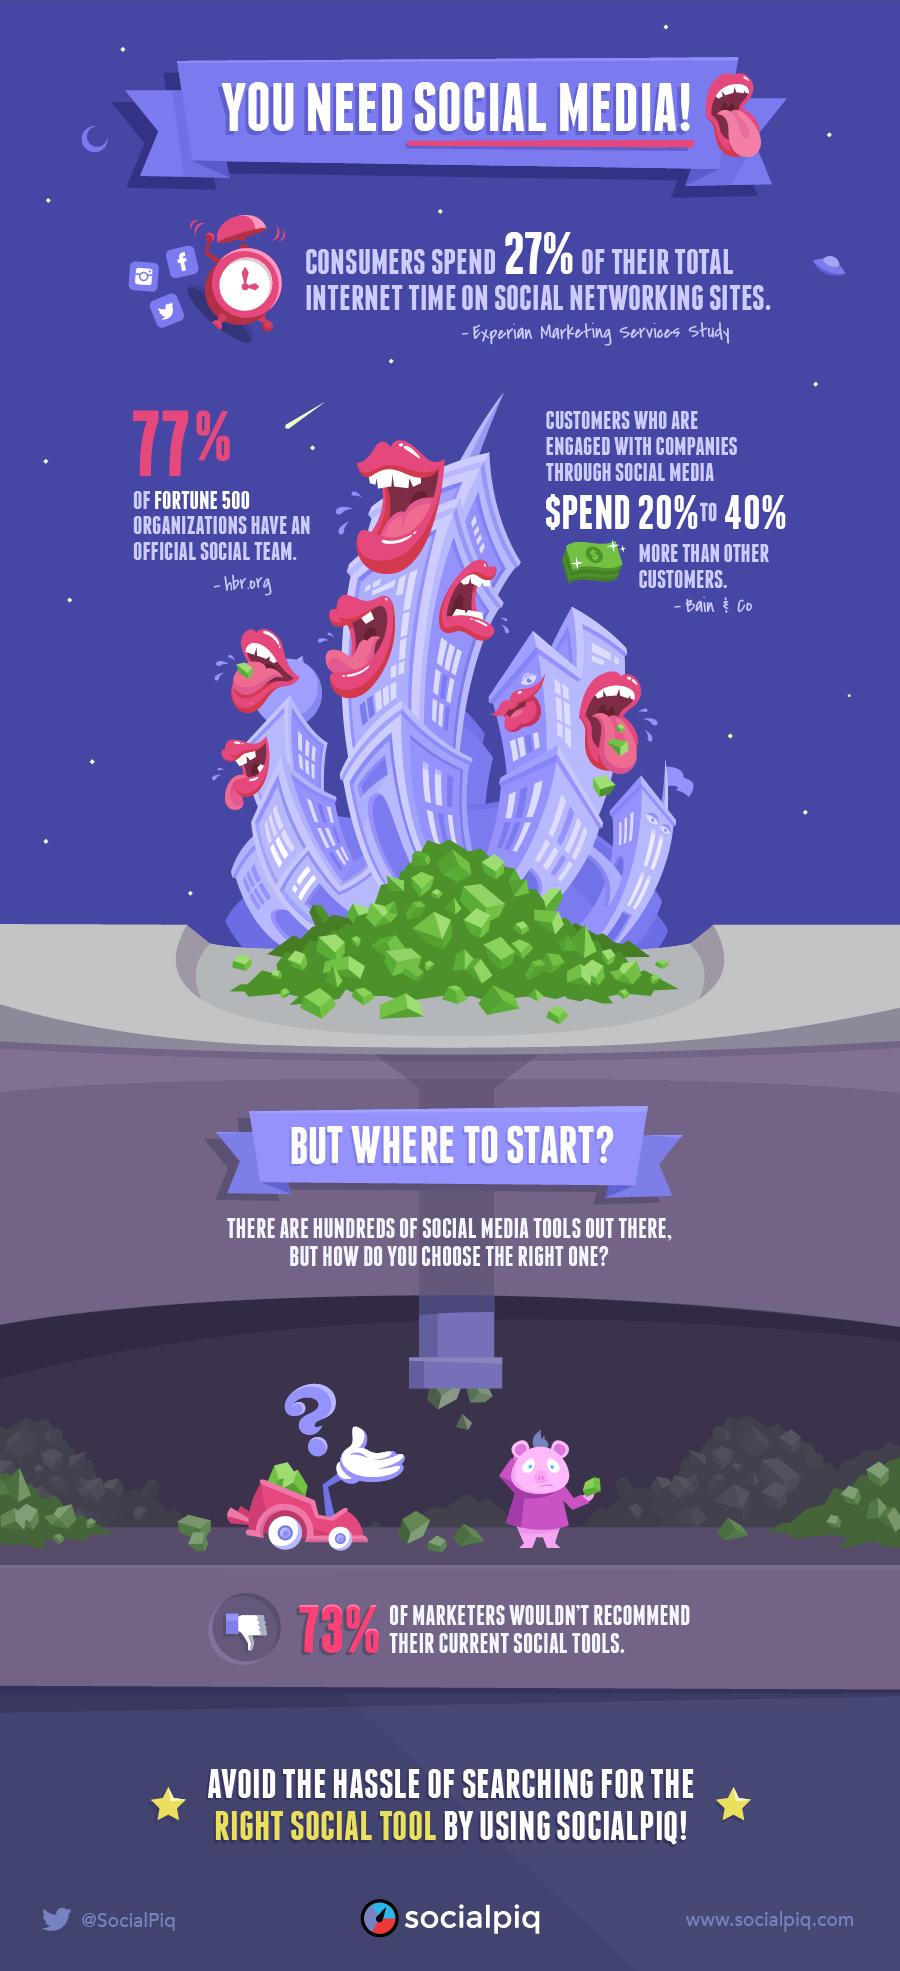 socialpiq-infographic